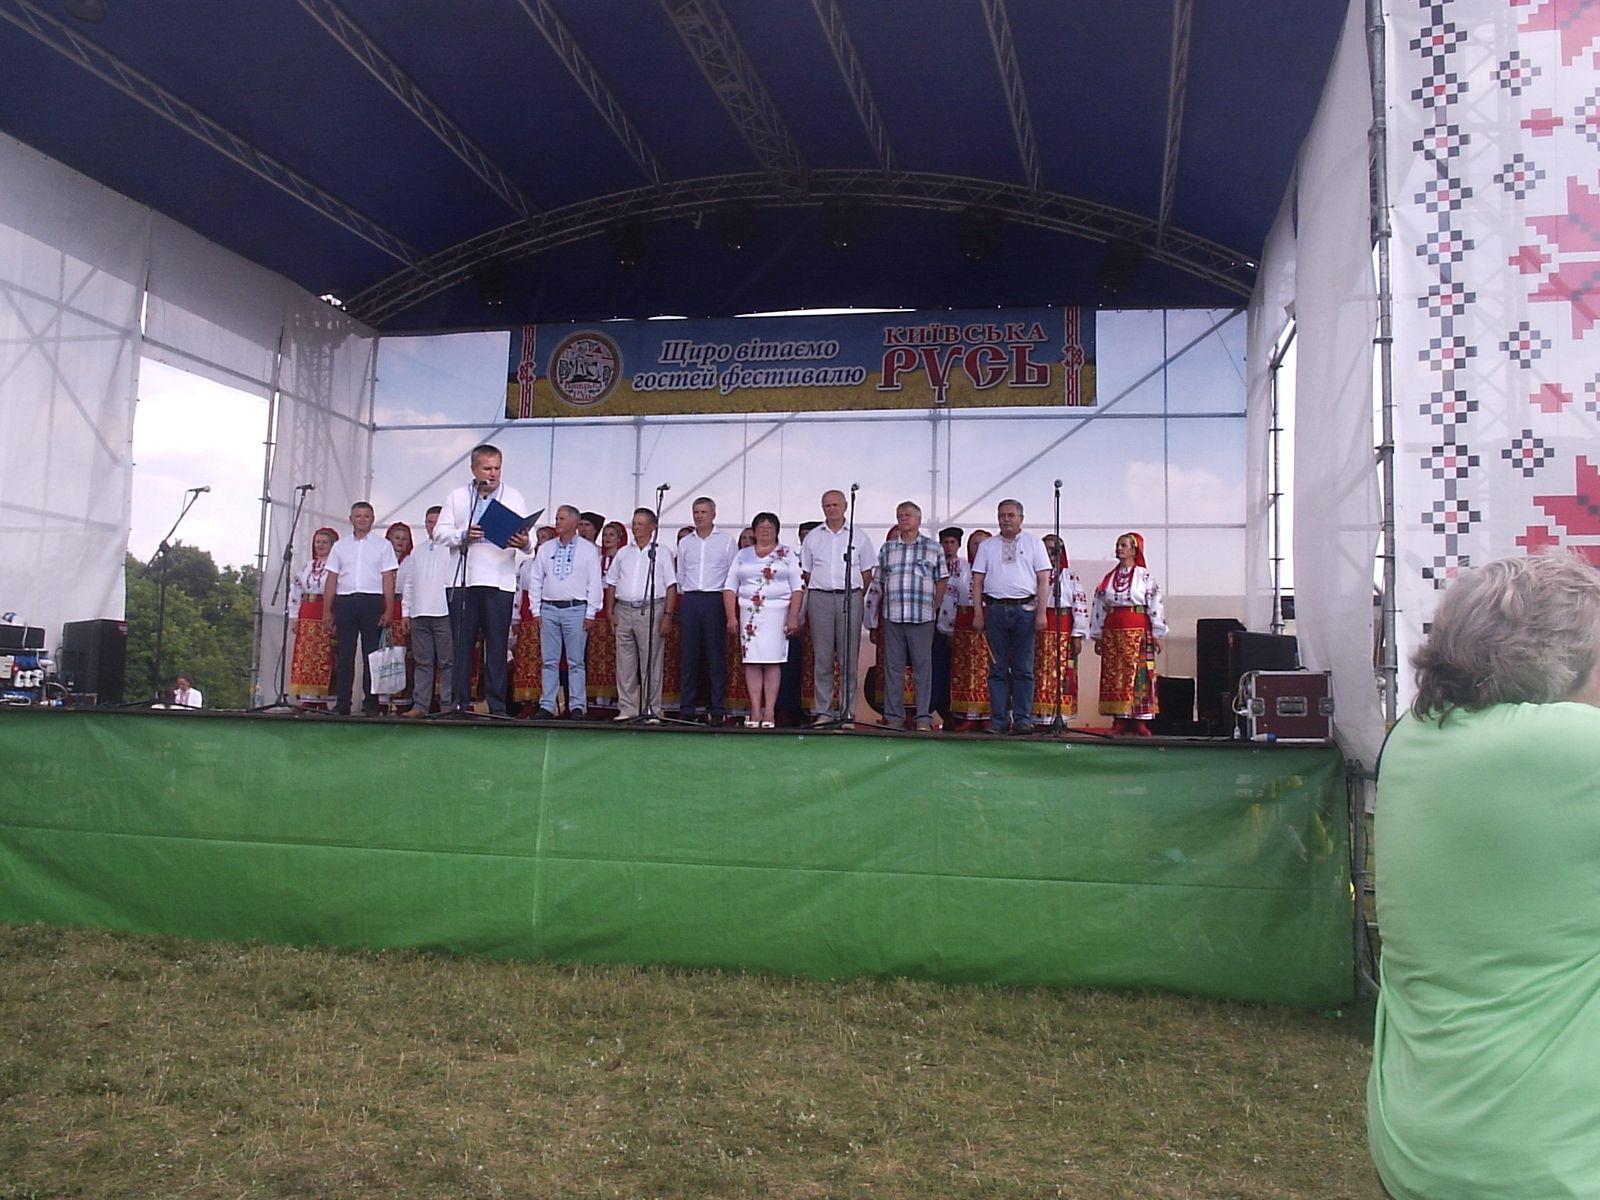 Урочисте відкриття ІХ фестивалю